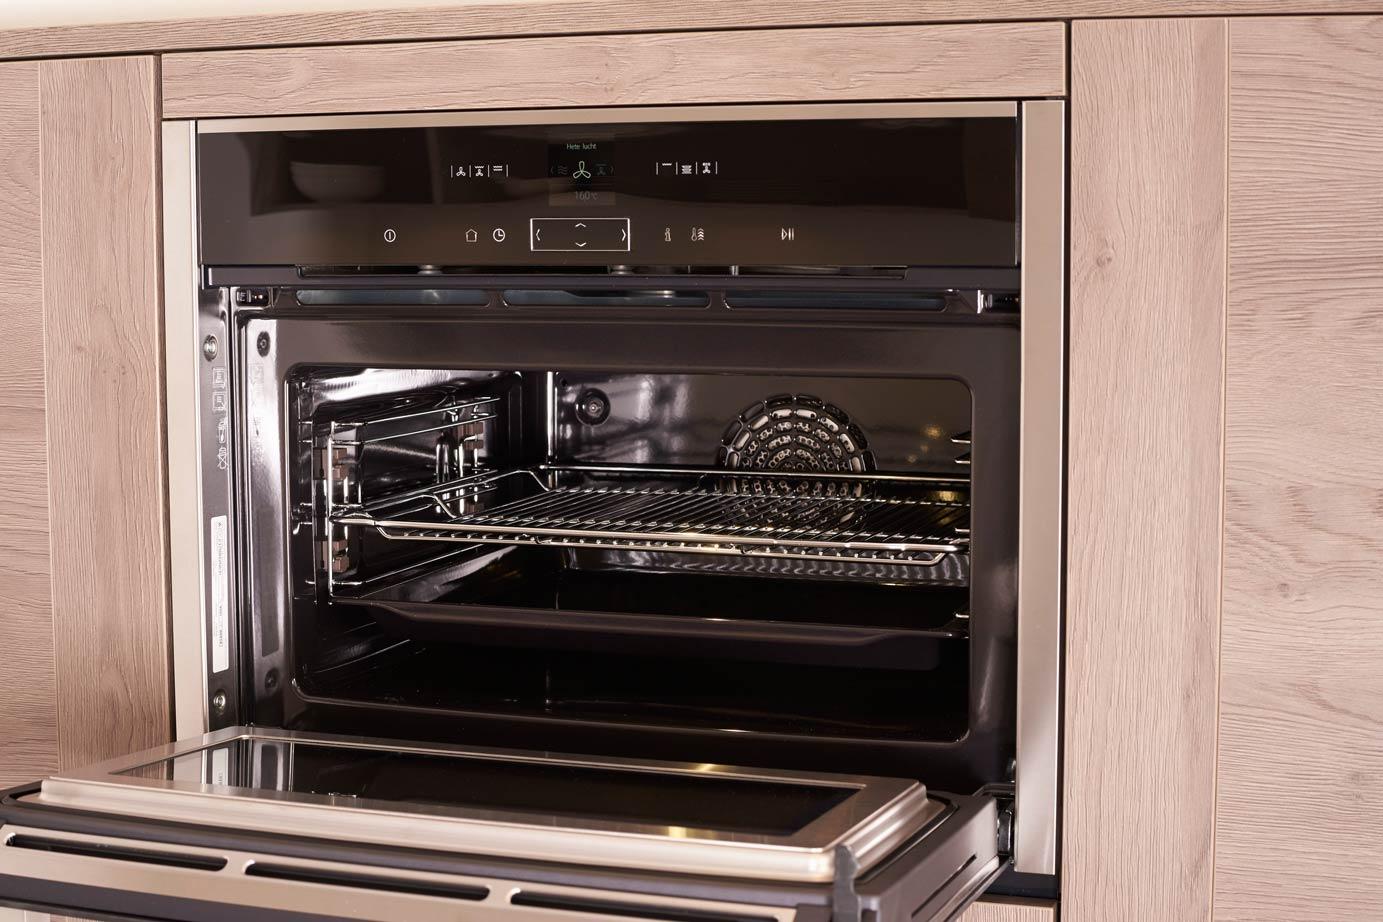 Kastenwand Keuken Hoogte : Moderne keuken met kastenwand – DB Keukens